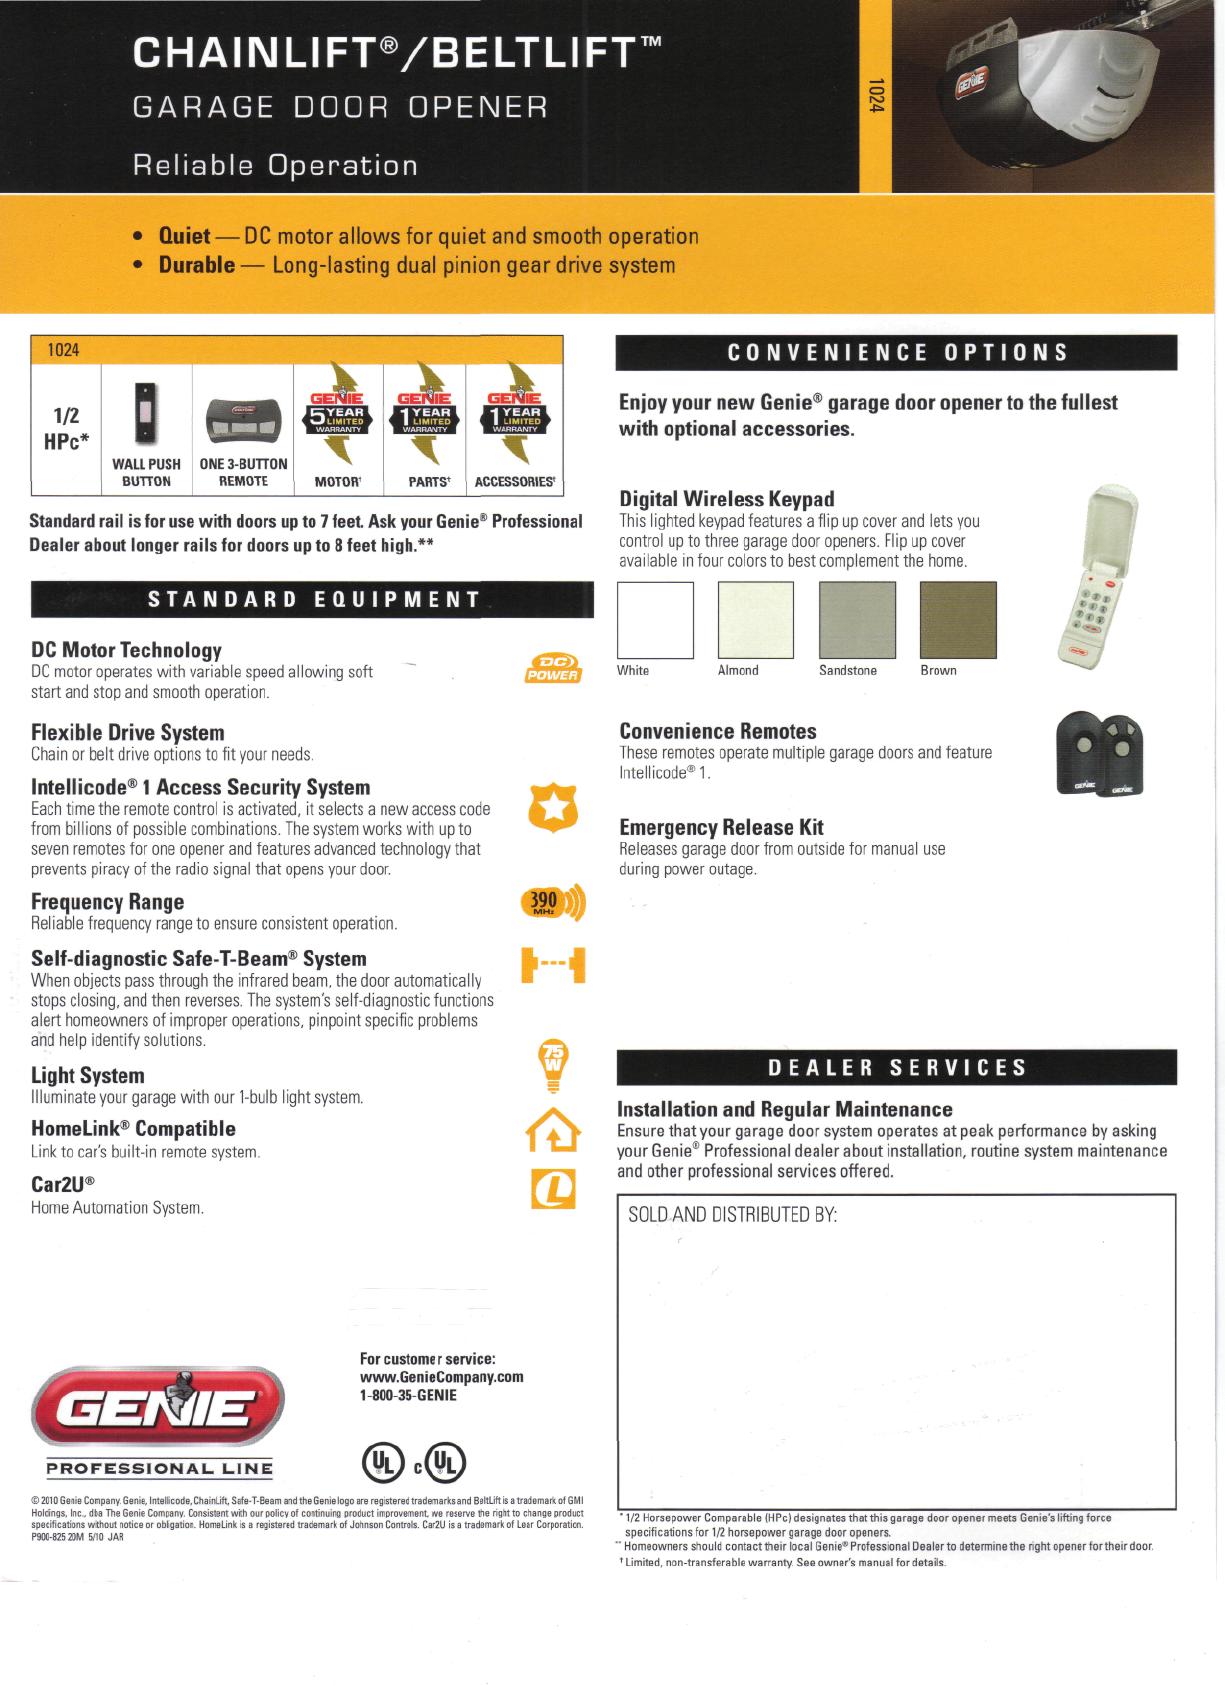 Genie Garage Door Opener 1024 User Guide Manualsonline Com